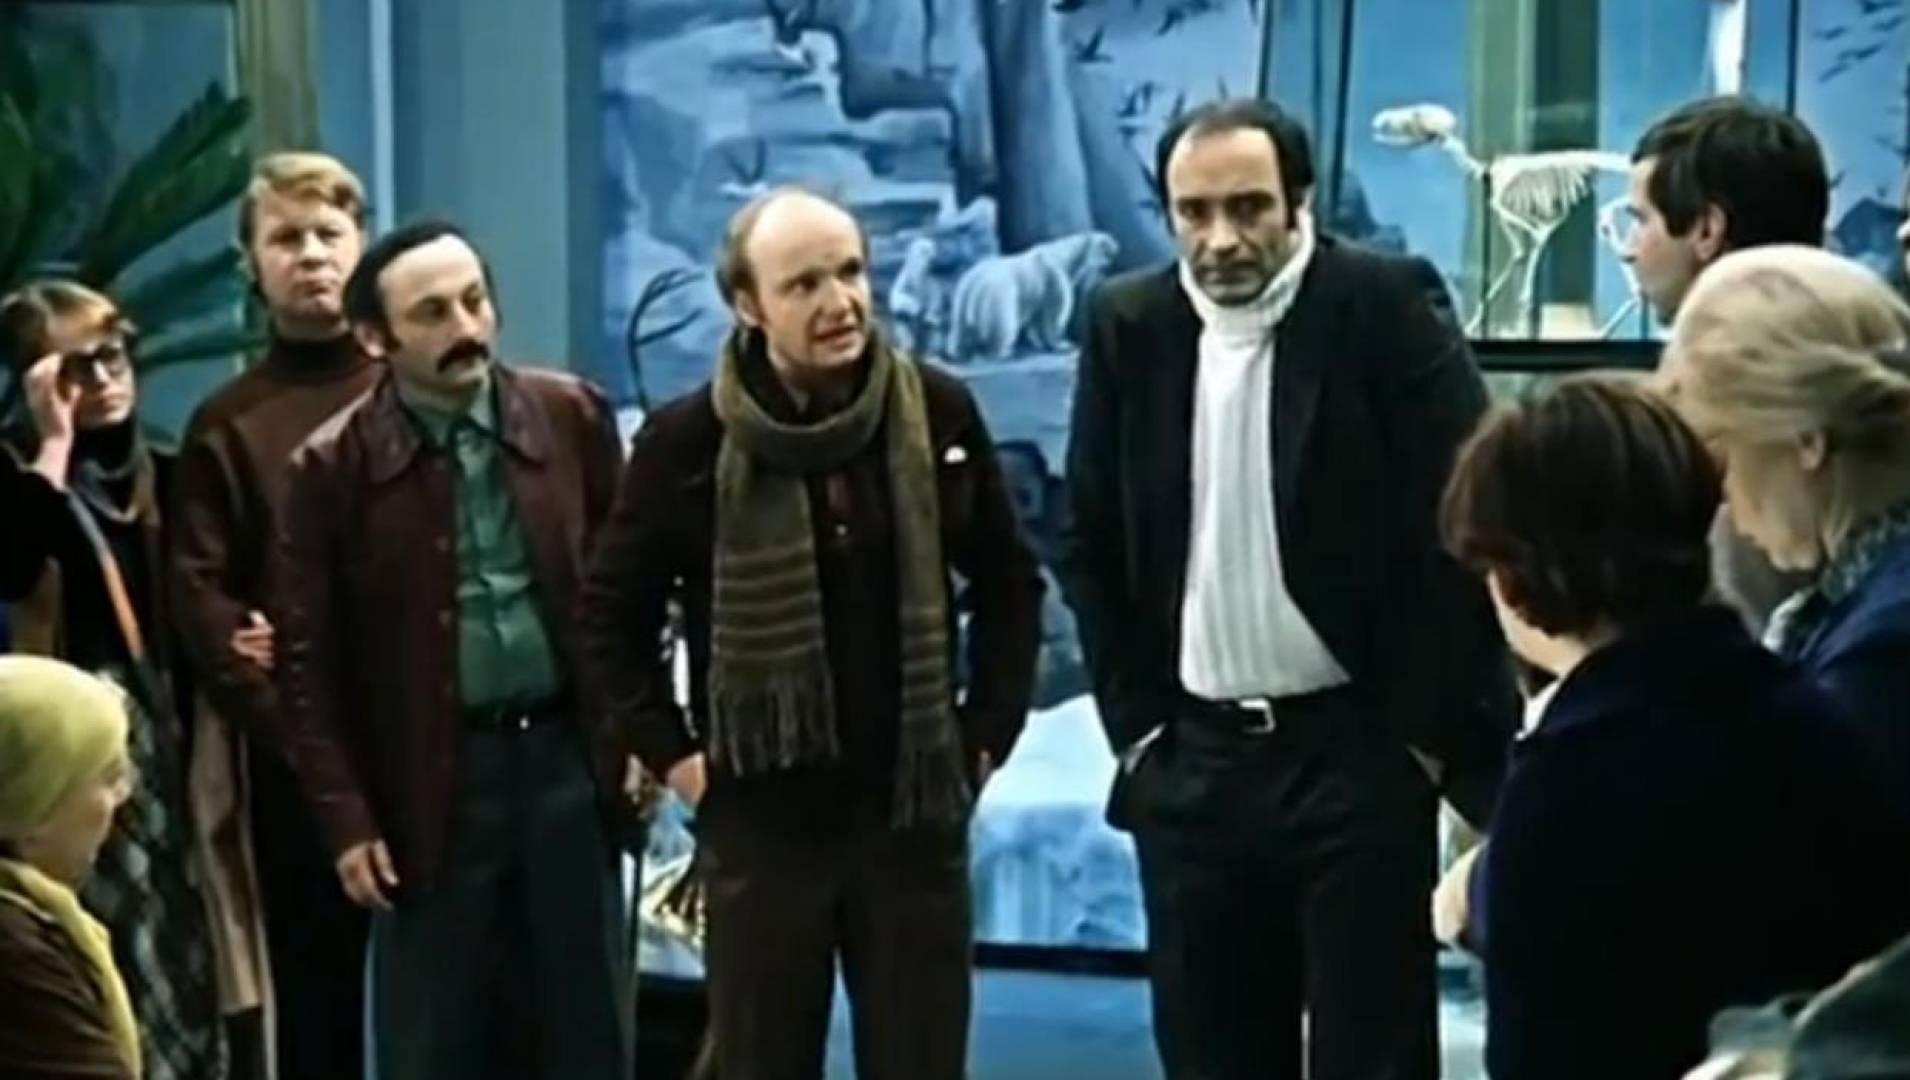 Гараж - Трагикомедия, Фильм